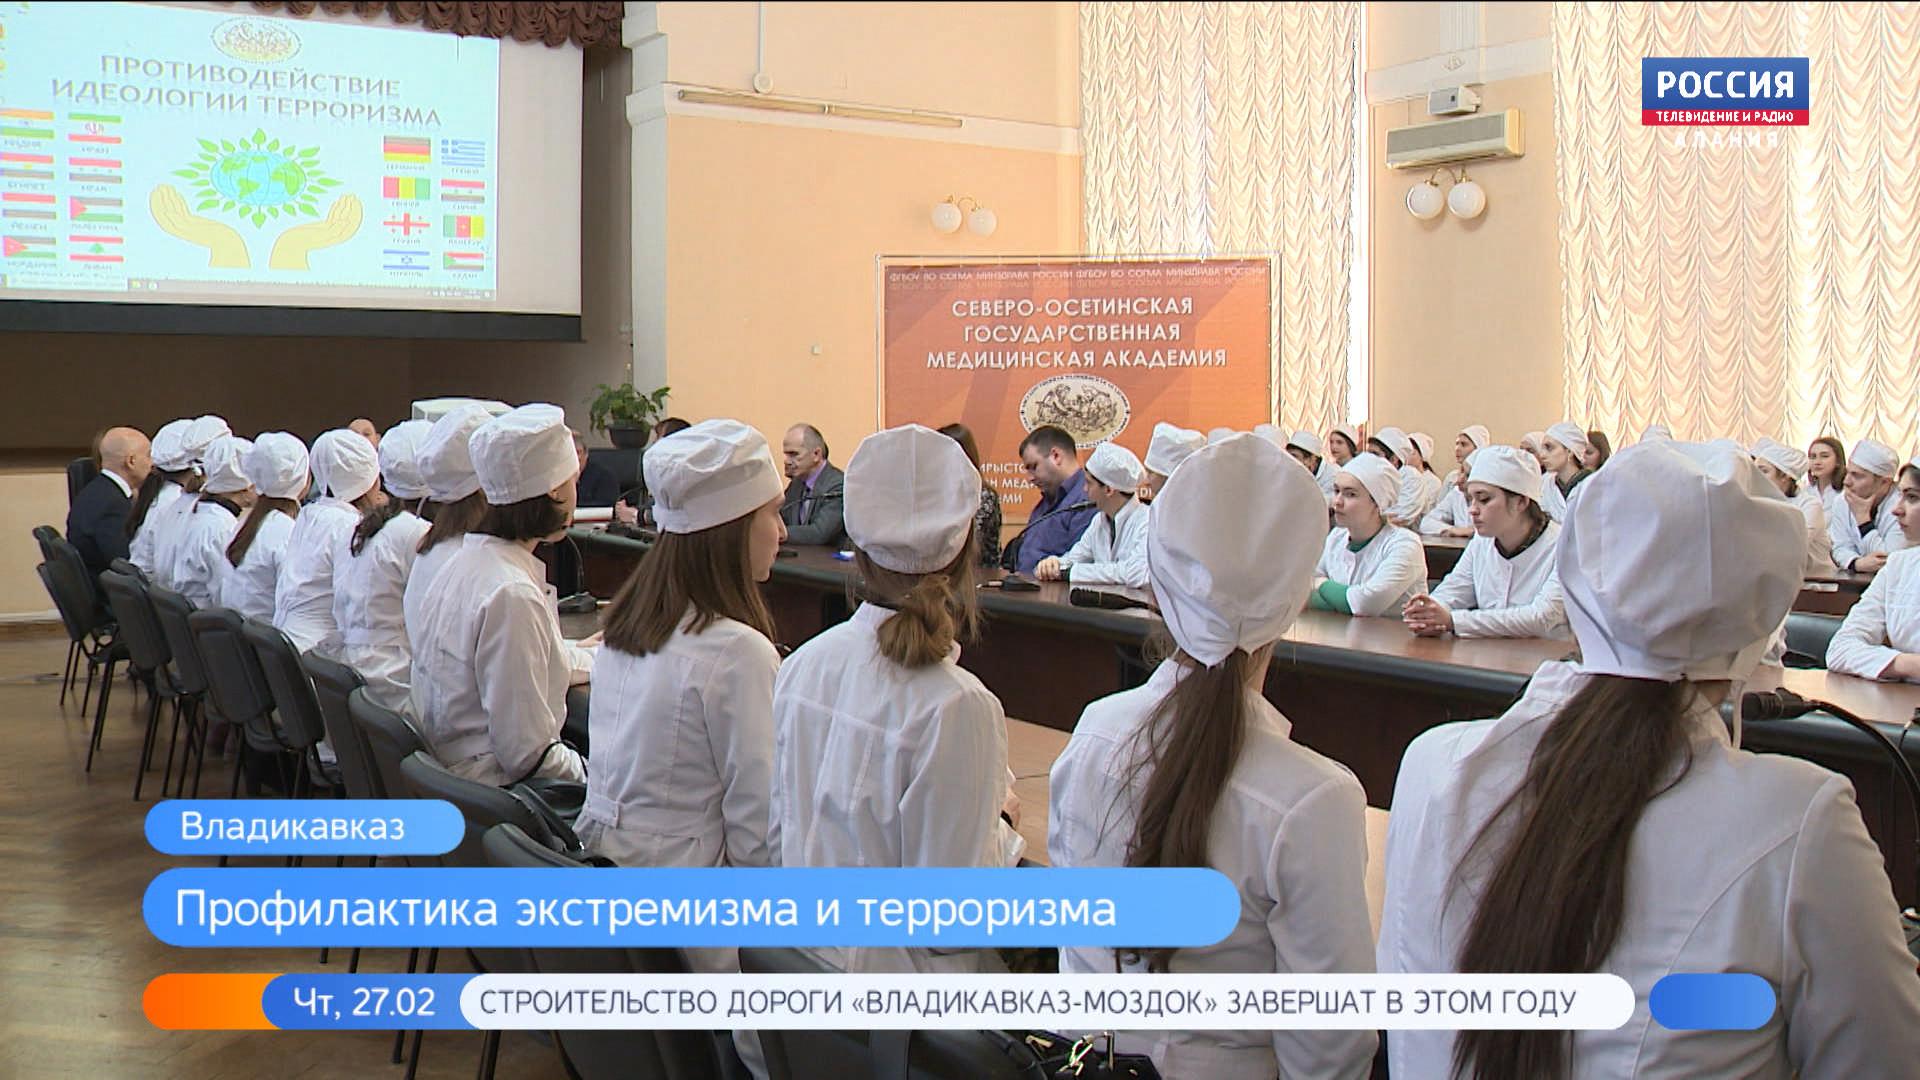 Вопросы профилактики экстремизма и терроризма обсудили в СОГМА